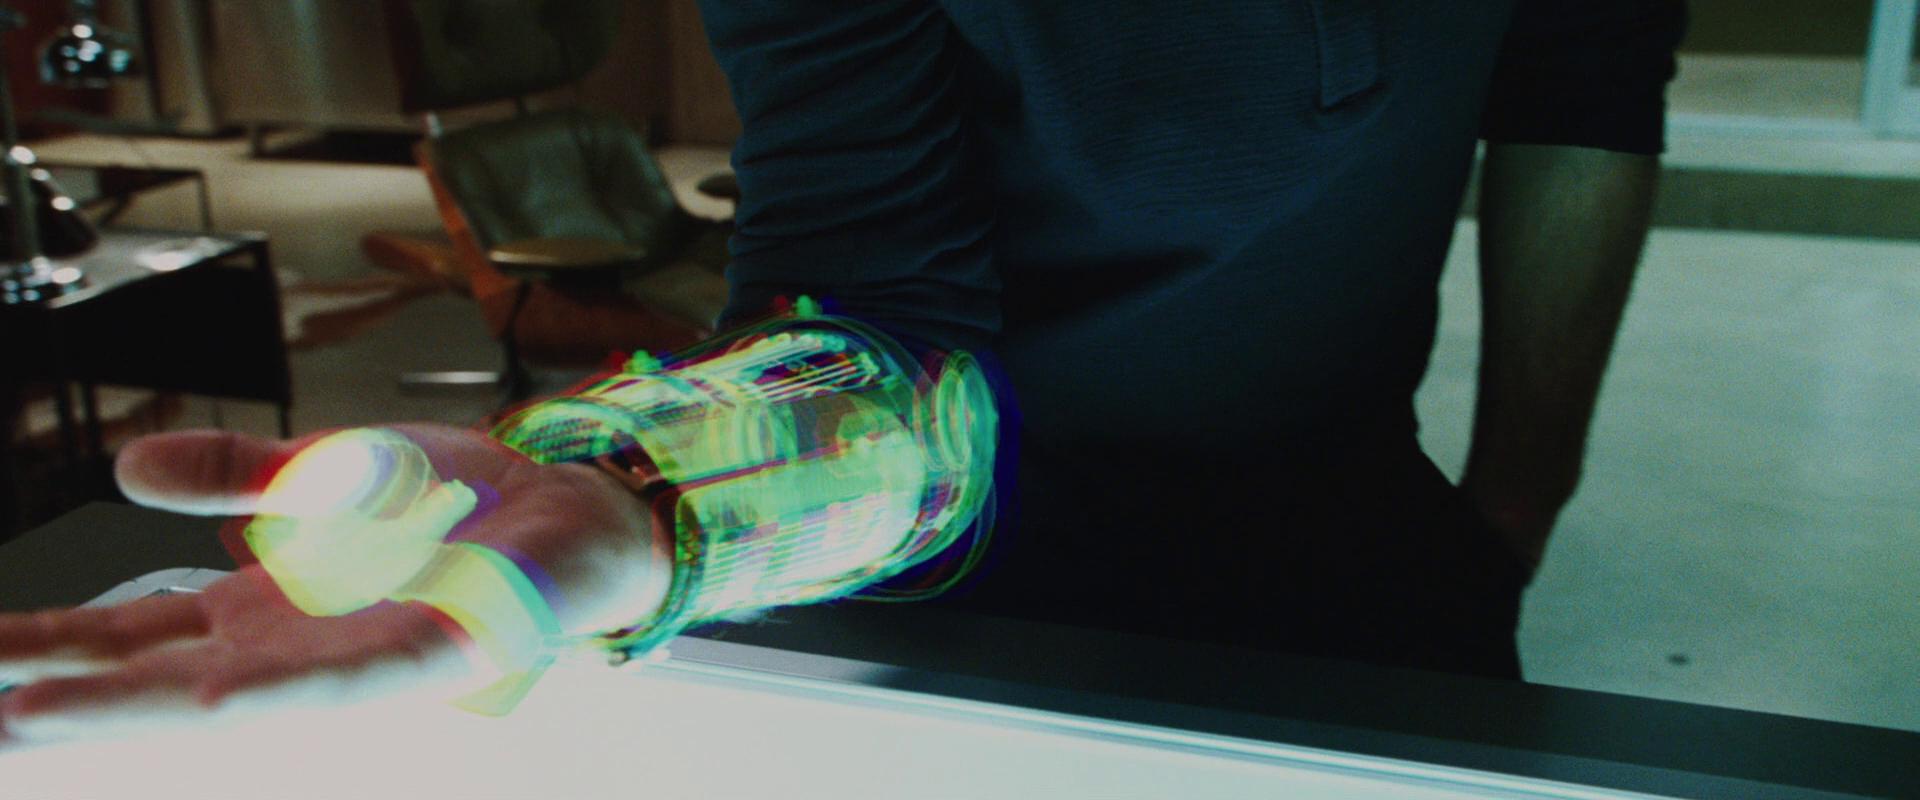 how to make a hologram ui